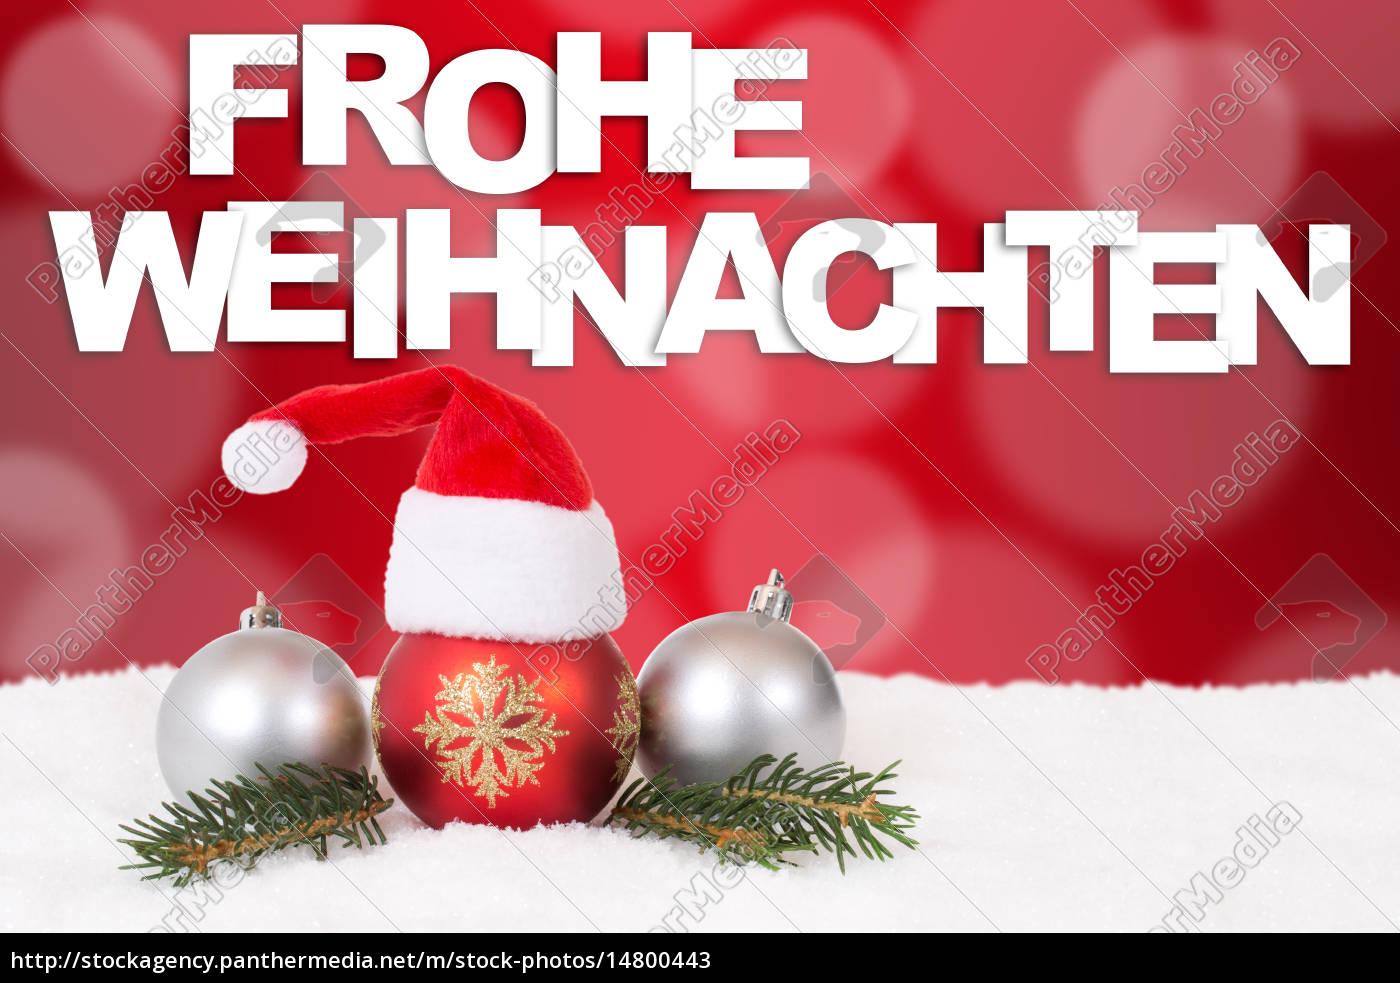 Frohe Weihnachten Hindi.Stockfoto 14800443 Weihnachtskarte Mit Mütze Frohe Weihnachten Hintergrund Rot